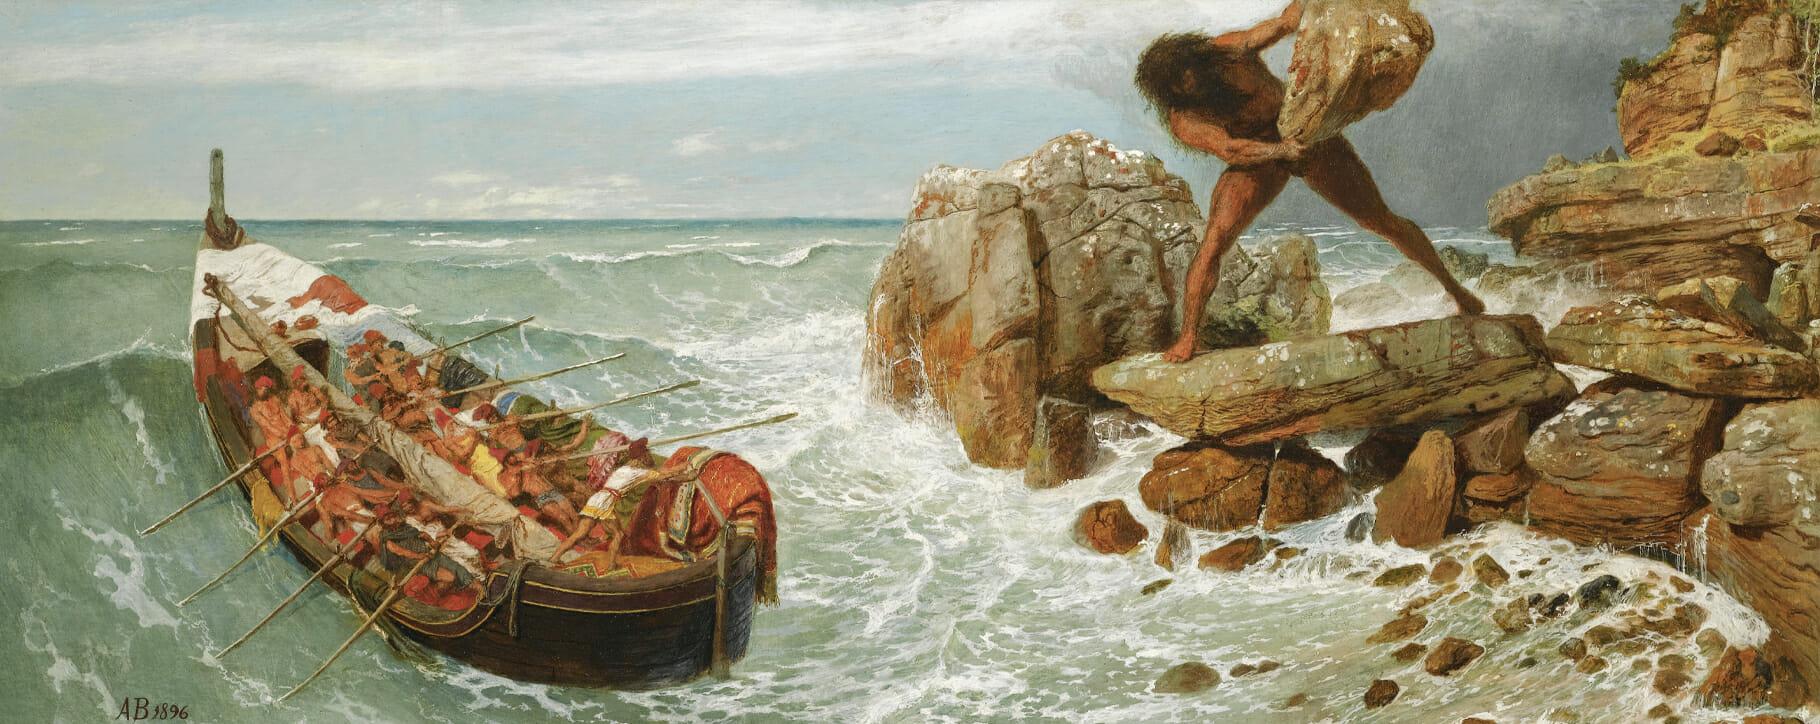 Classical Mythology Odyssey Painting